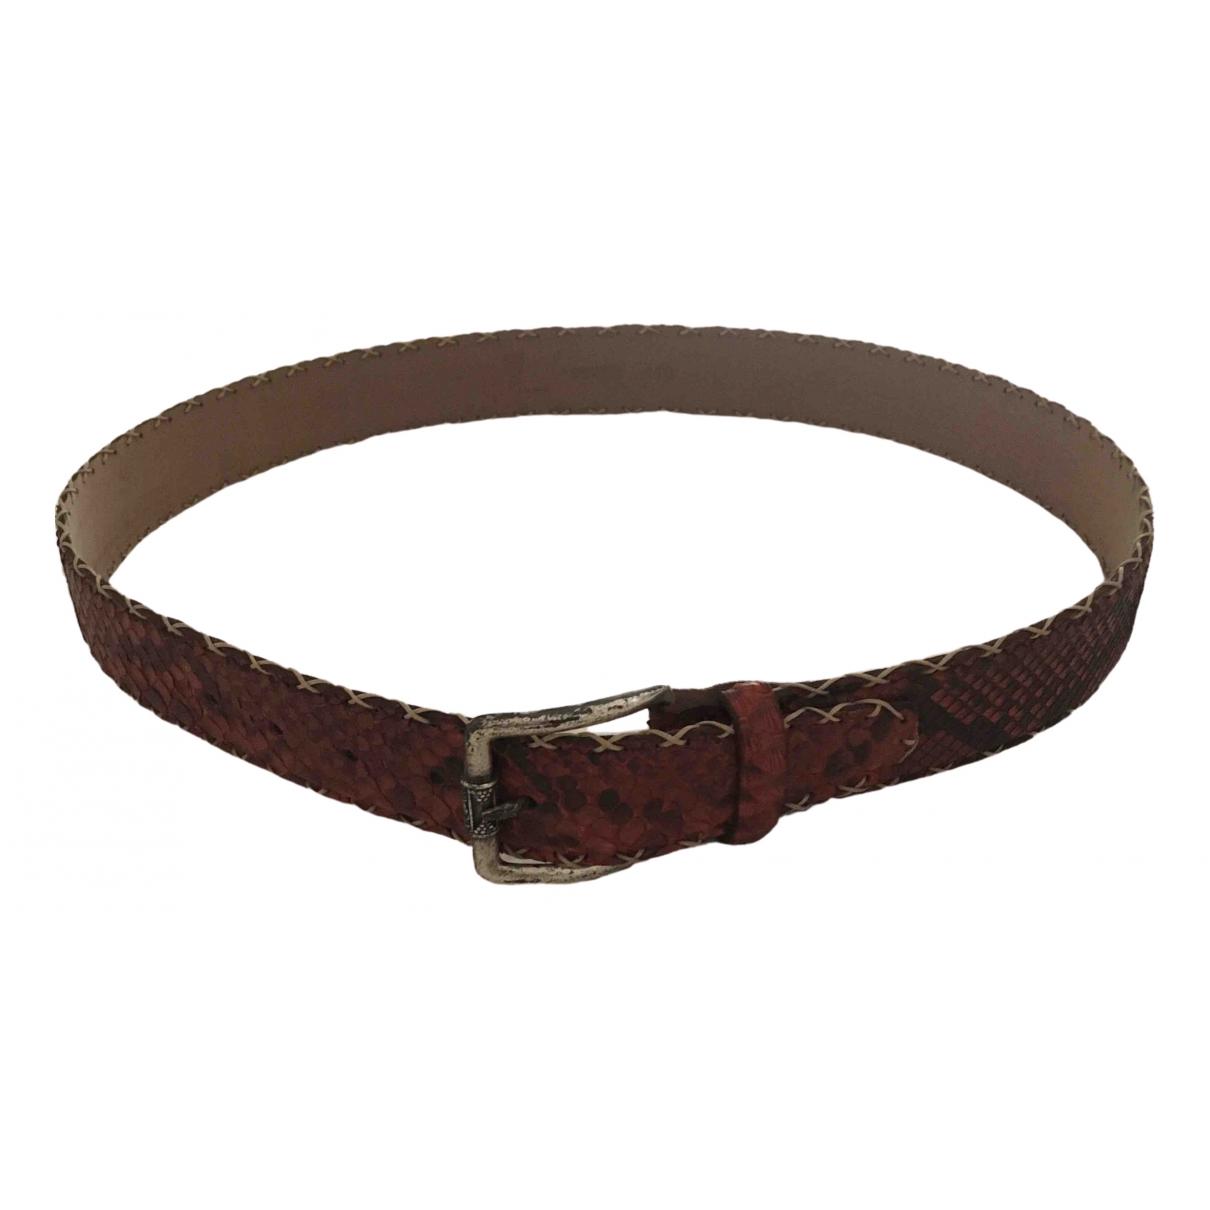 Cinturon de Piton Non Signe / Unsigned